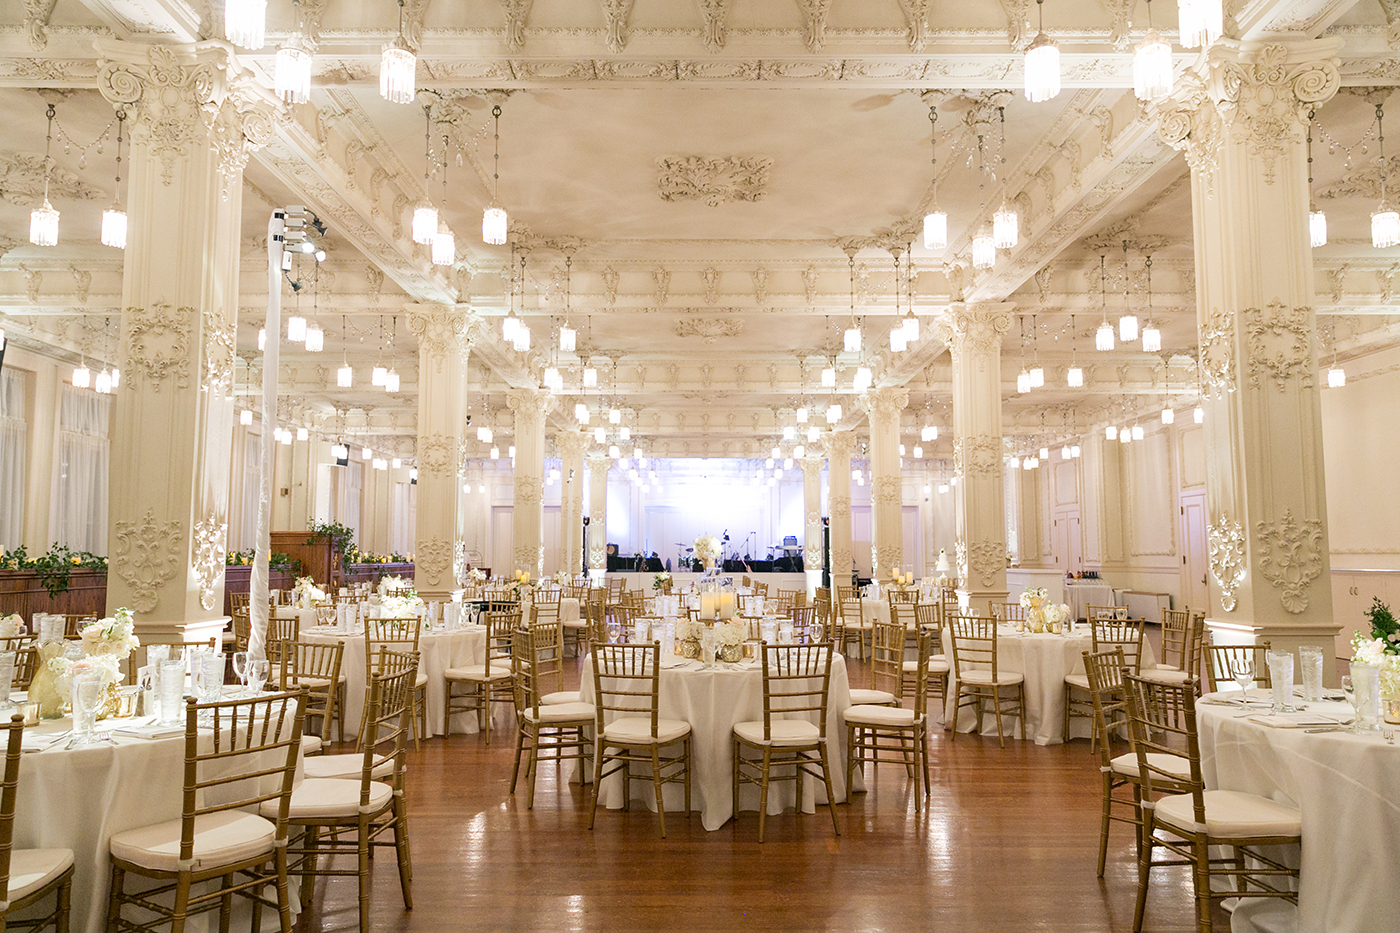 Dallas Wedding Planner - Allday Events - Classic Wedding at Dallas Scottish Rite - 109.jpg